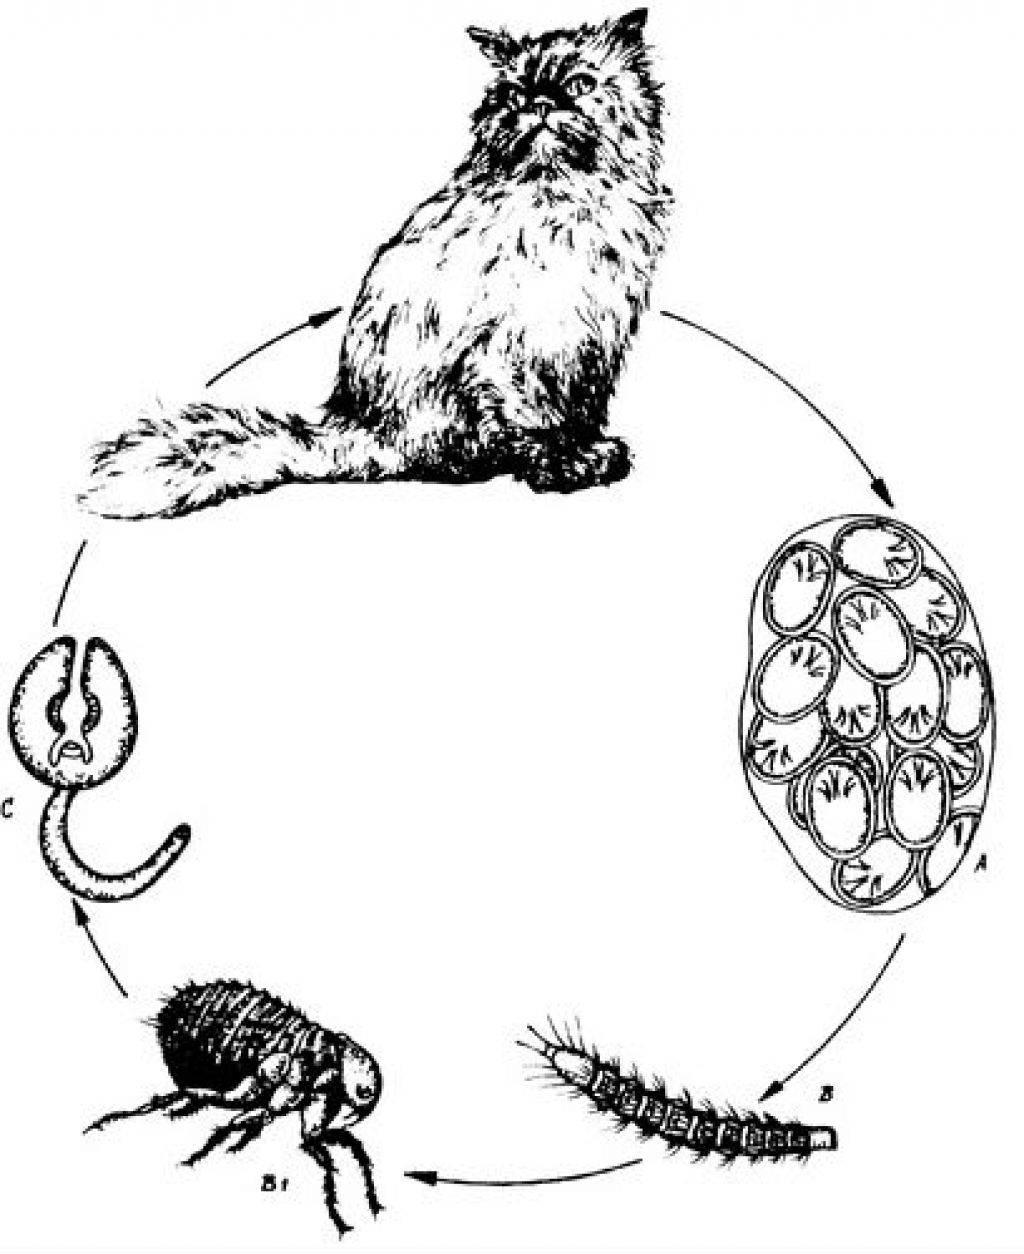 Дипилидиоз у кошек: как избавиться от глистов, чем опасен огуречный цепень для животных и человека